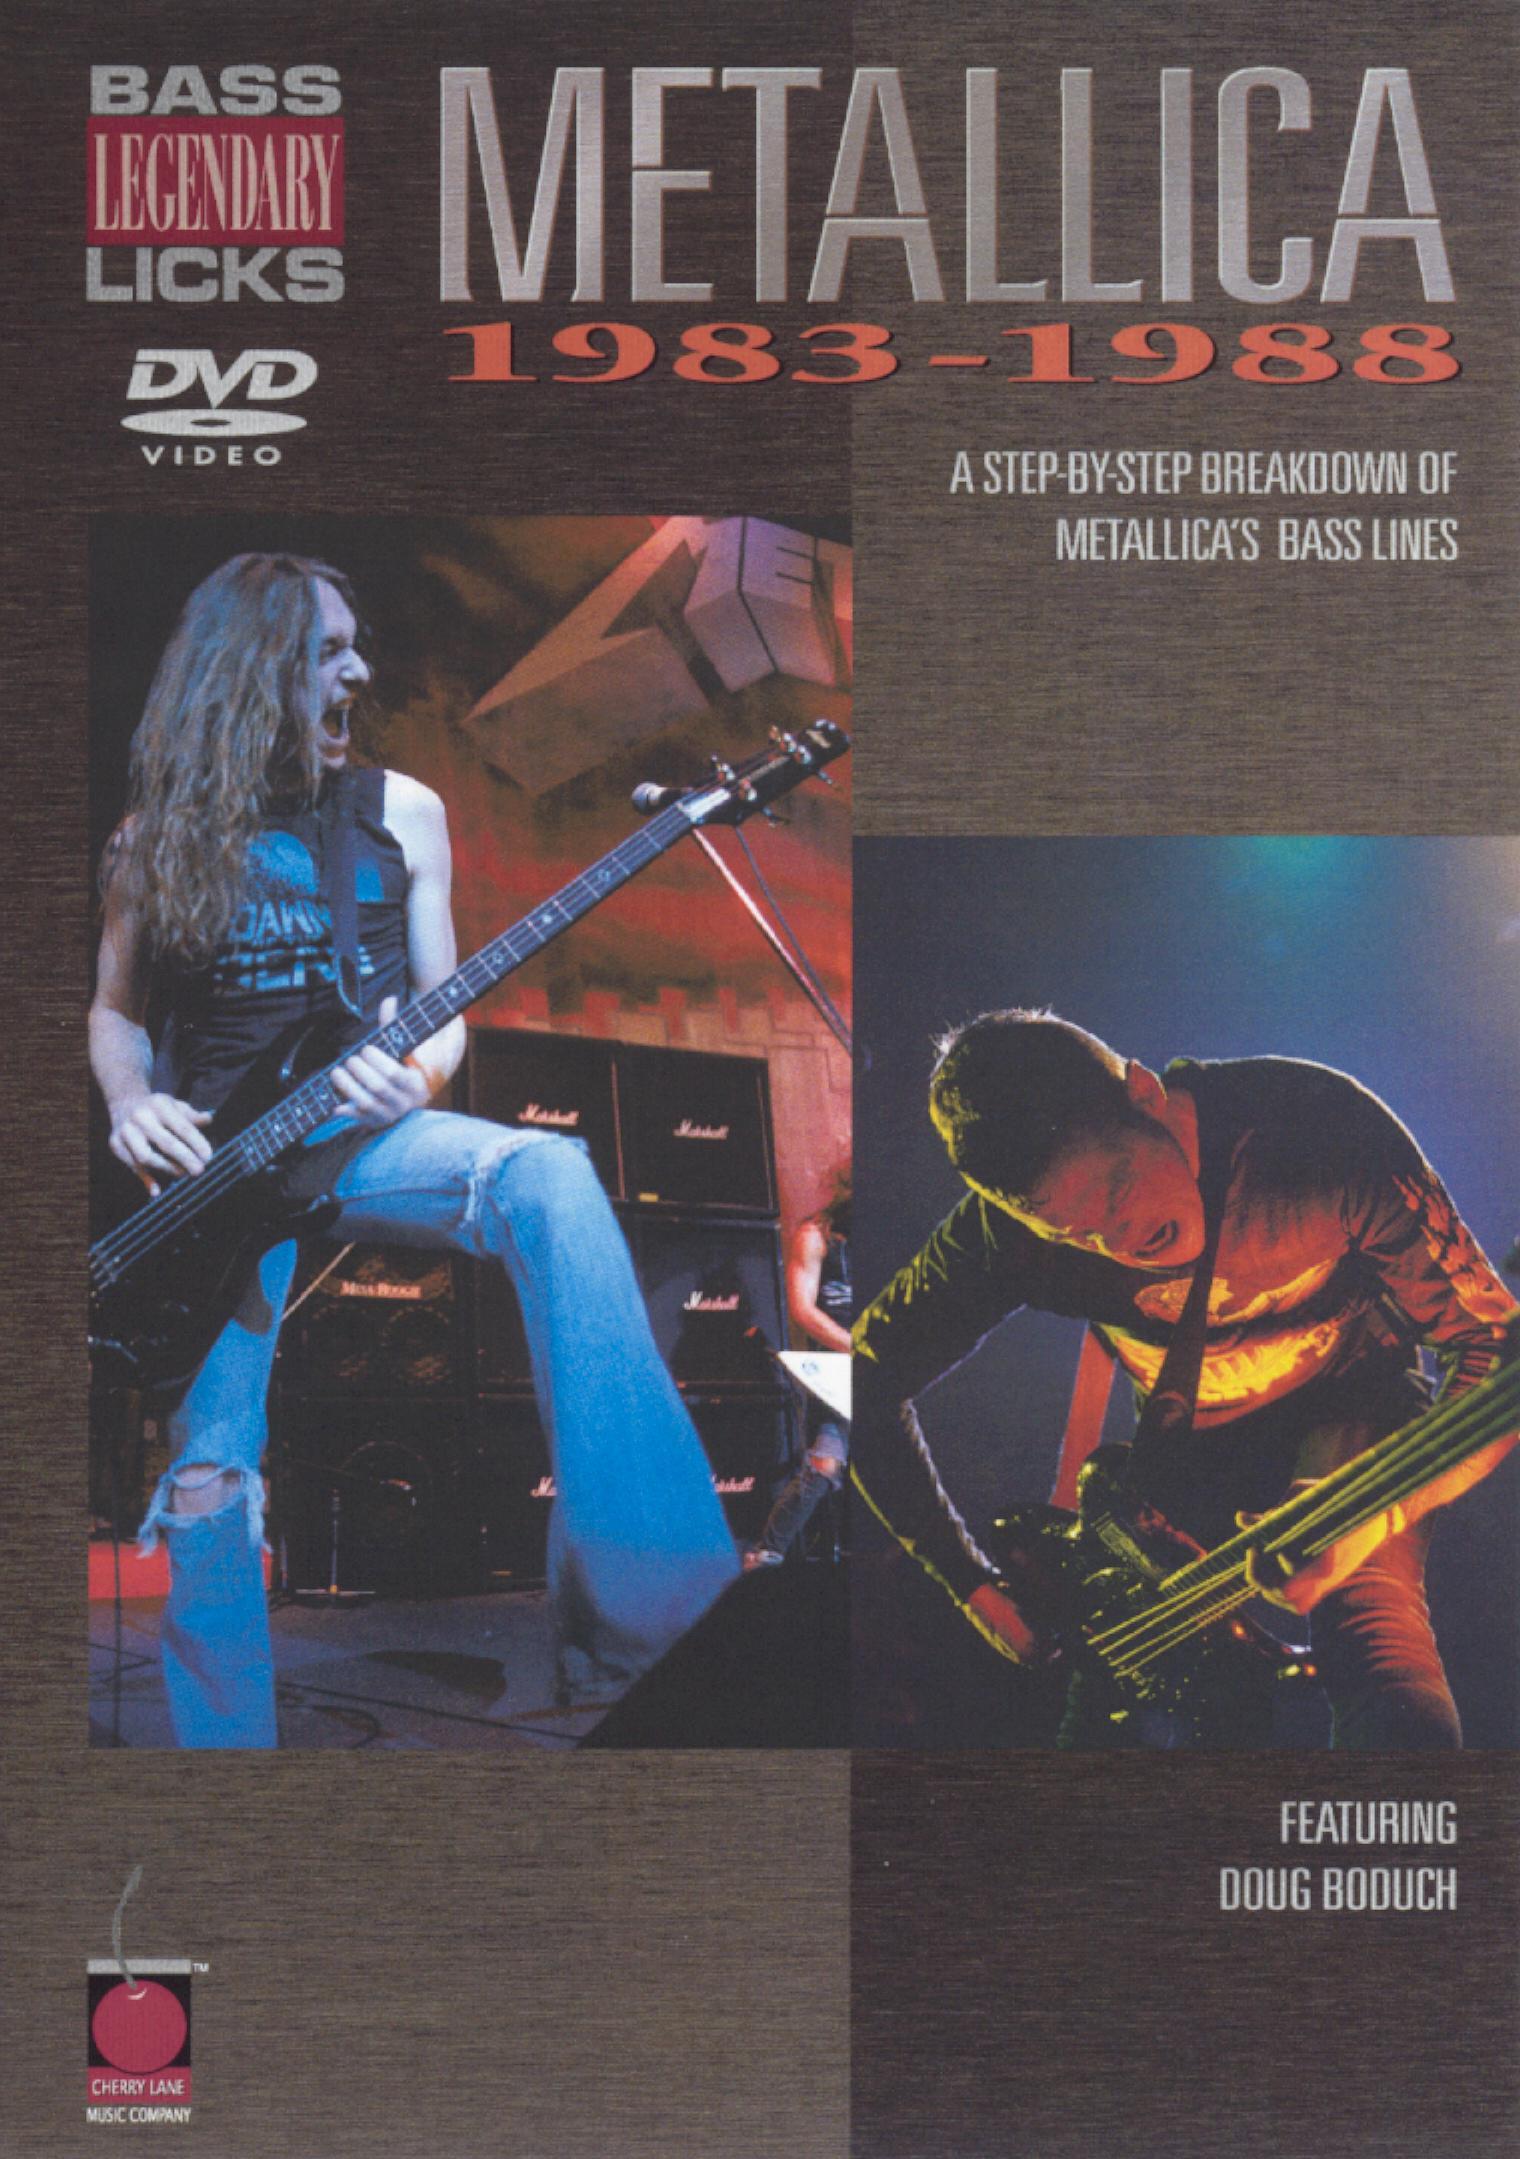 Metallica: Legendary Licks - Bass, 1983-1988